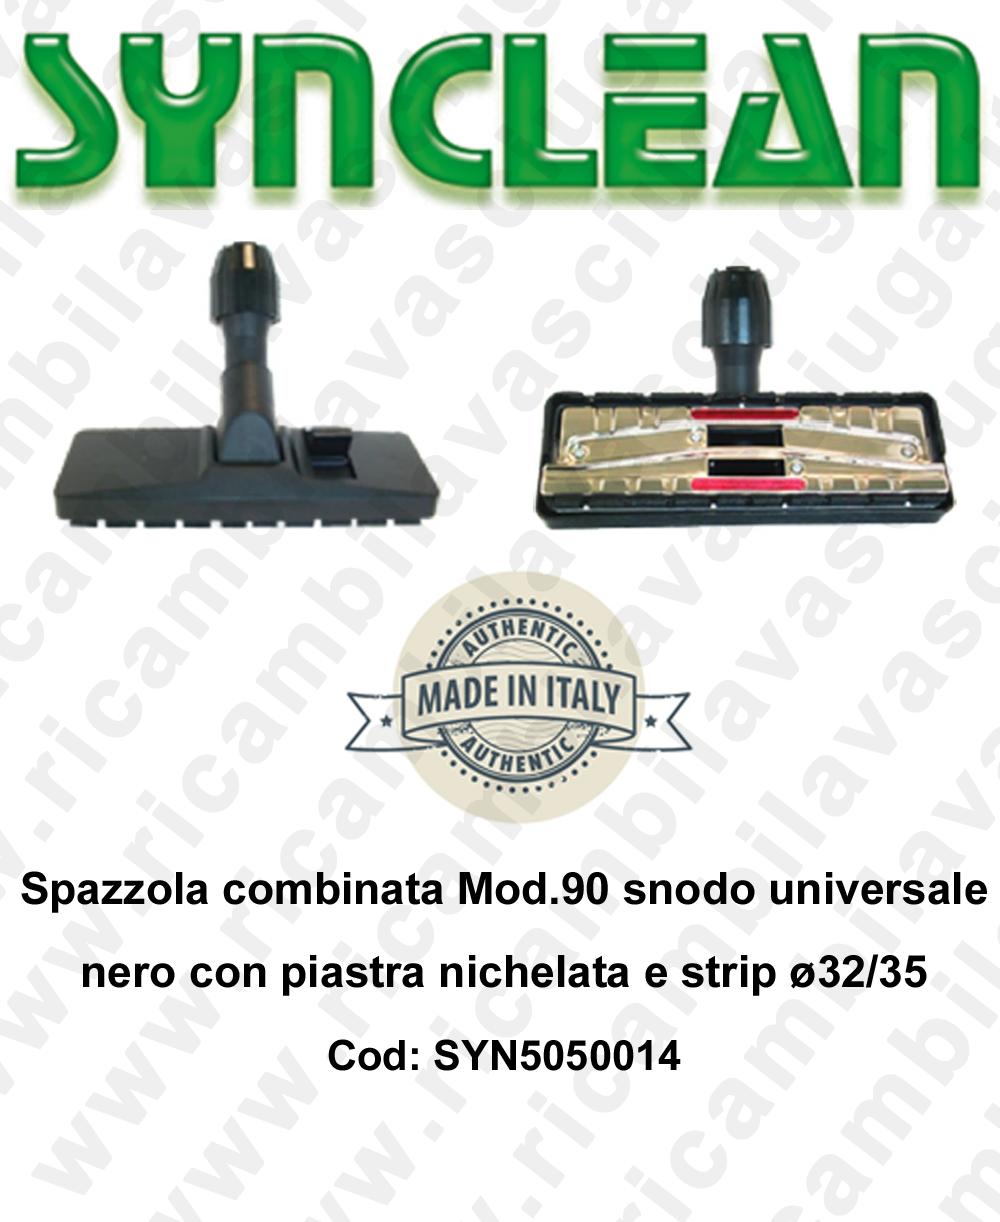 Spazzola combinata Mod.90 snodo universale nero con piastra nichelata e strip ø32/35  - SYNCLEAN - Mod: SYN5050014